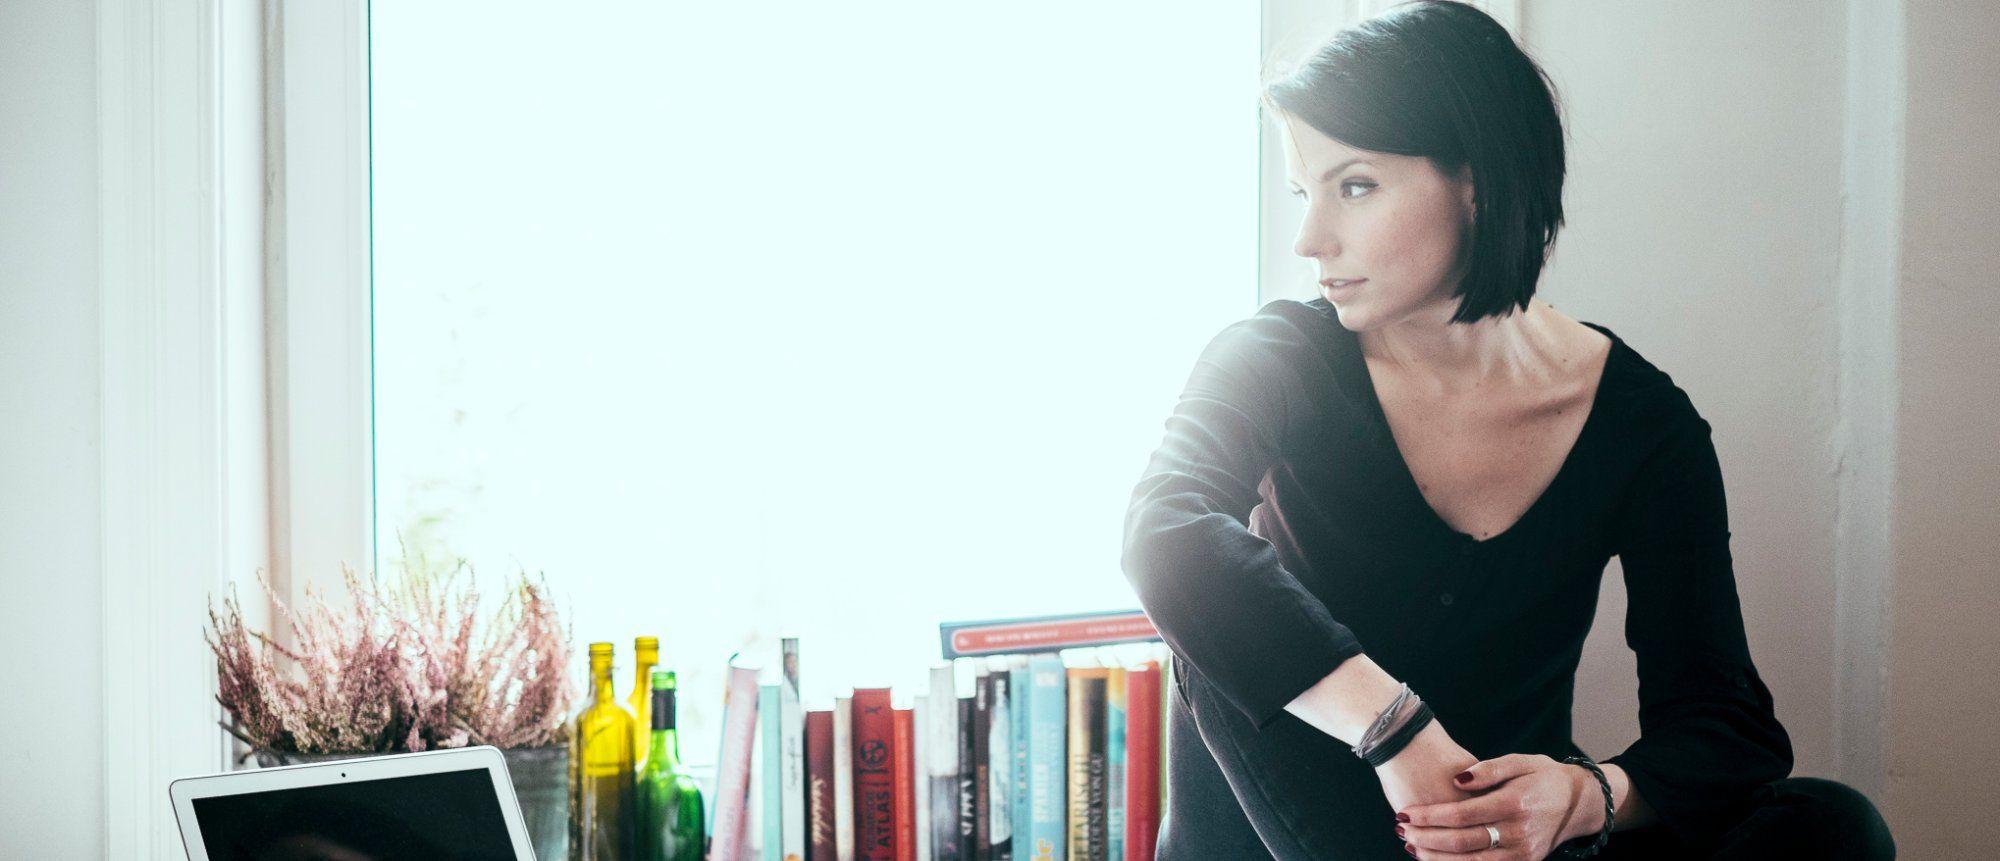 Karla Paul ist Verlegerin von Edel E-Books und Gründerin von Edel & Electric. Sie bloggt unter Buchkolumne.de und gibt Buchtipps in Magazinen sowie der ARD. Ich habe sie gefragt, was sie #2016gelernt